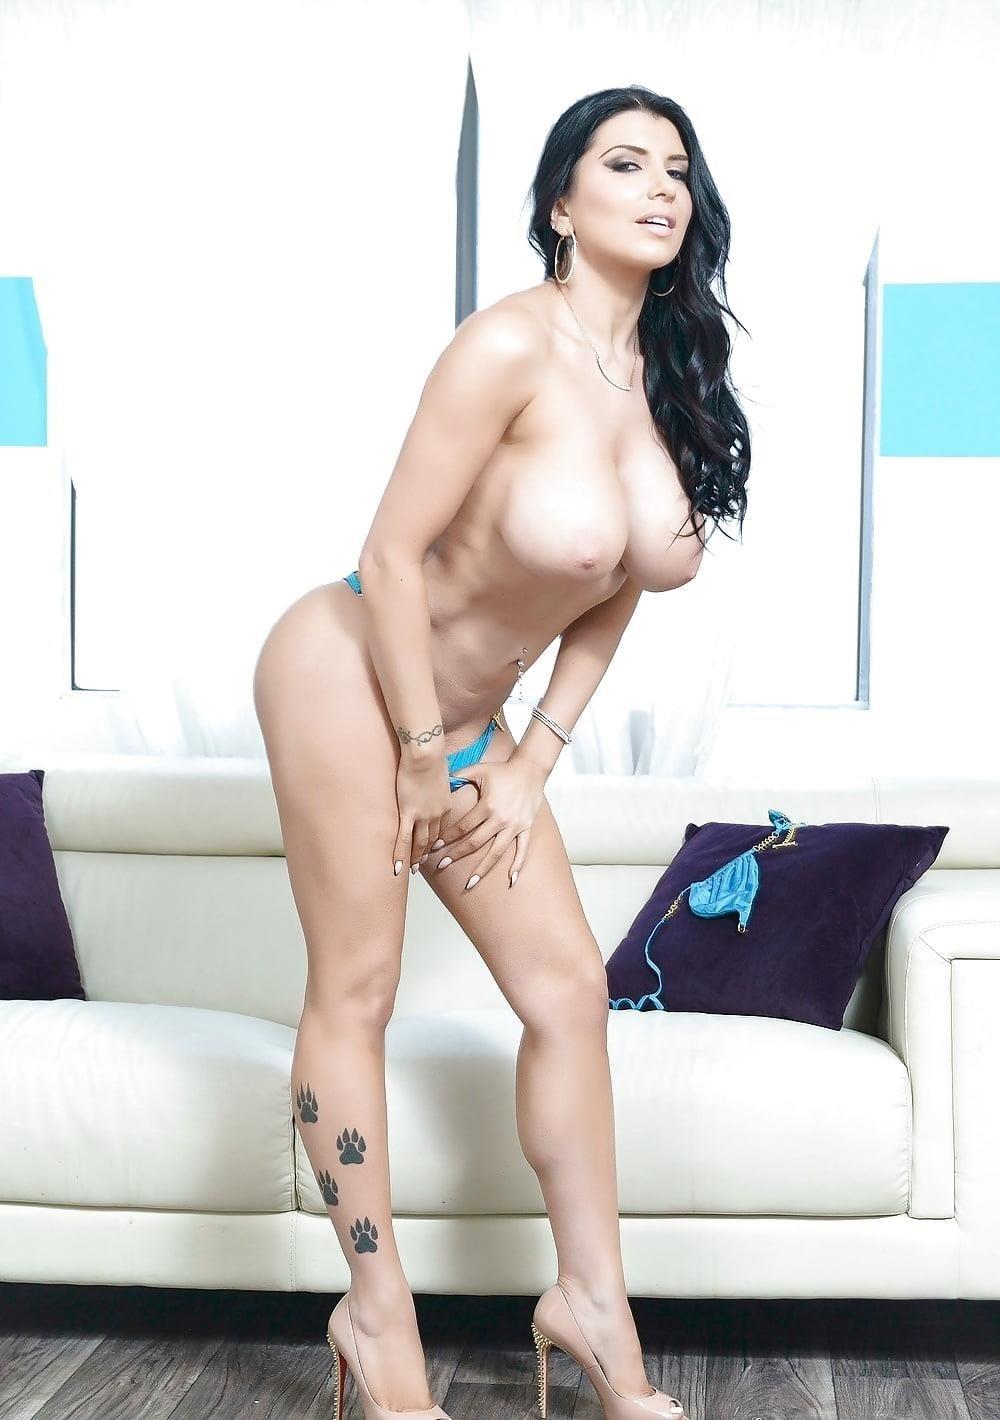 Bikini blowjob pics-1288